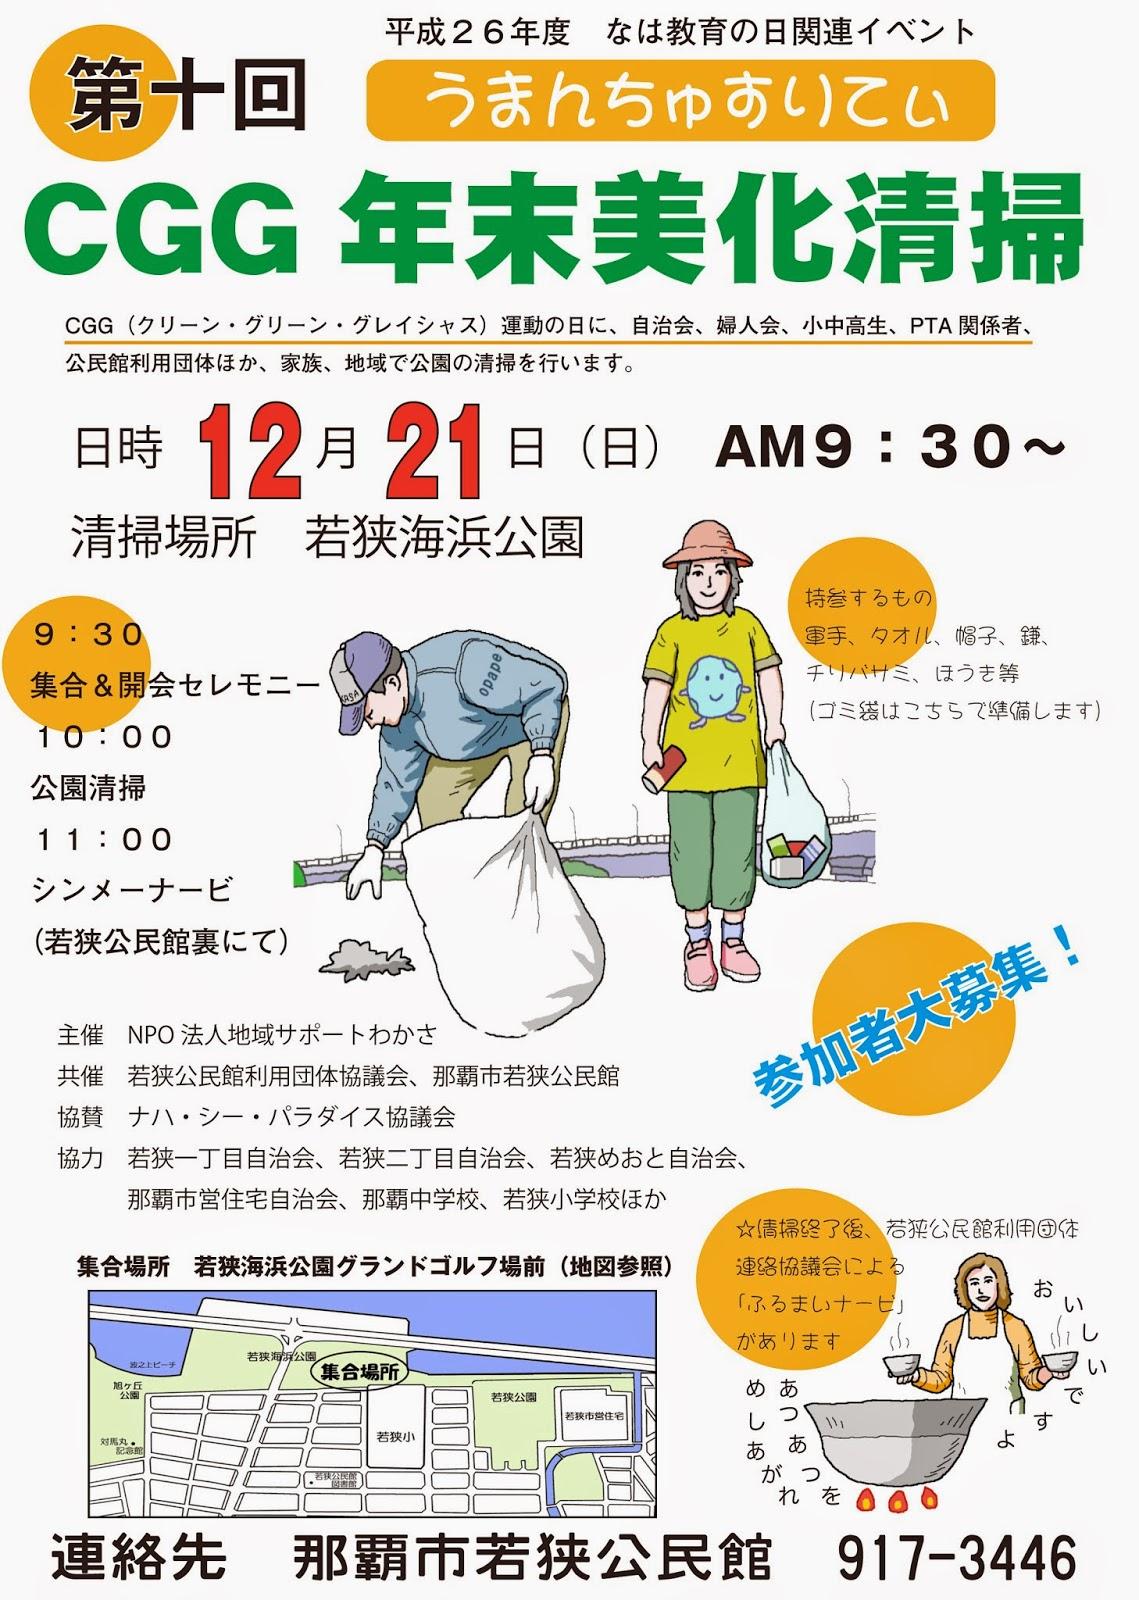 公民館つれづれ日記: 第十回 CGG年末美化清掃のお知らせ